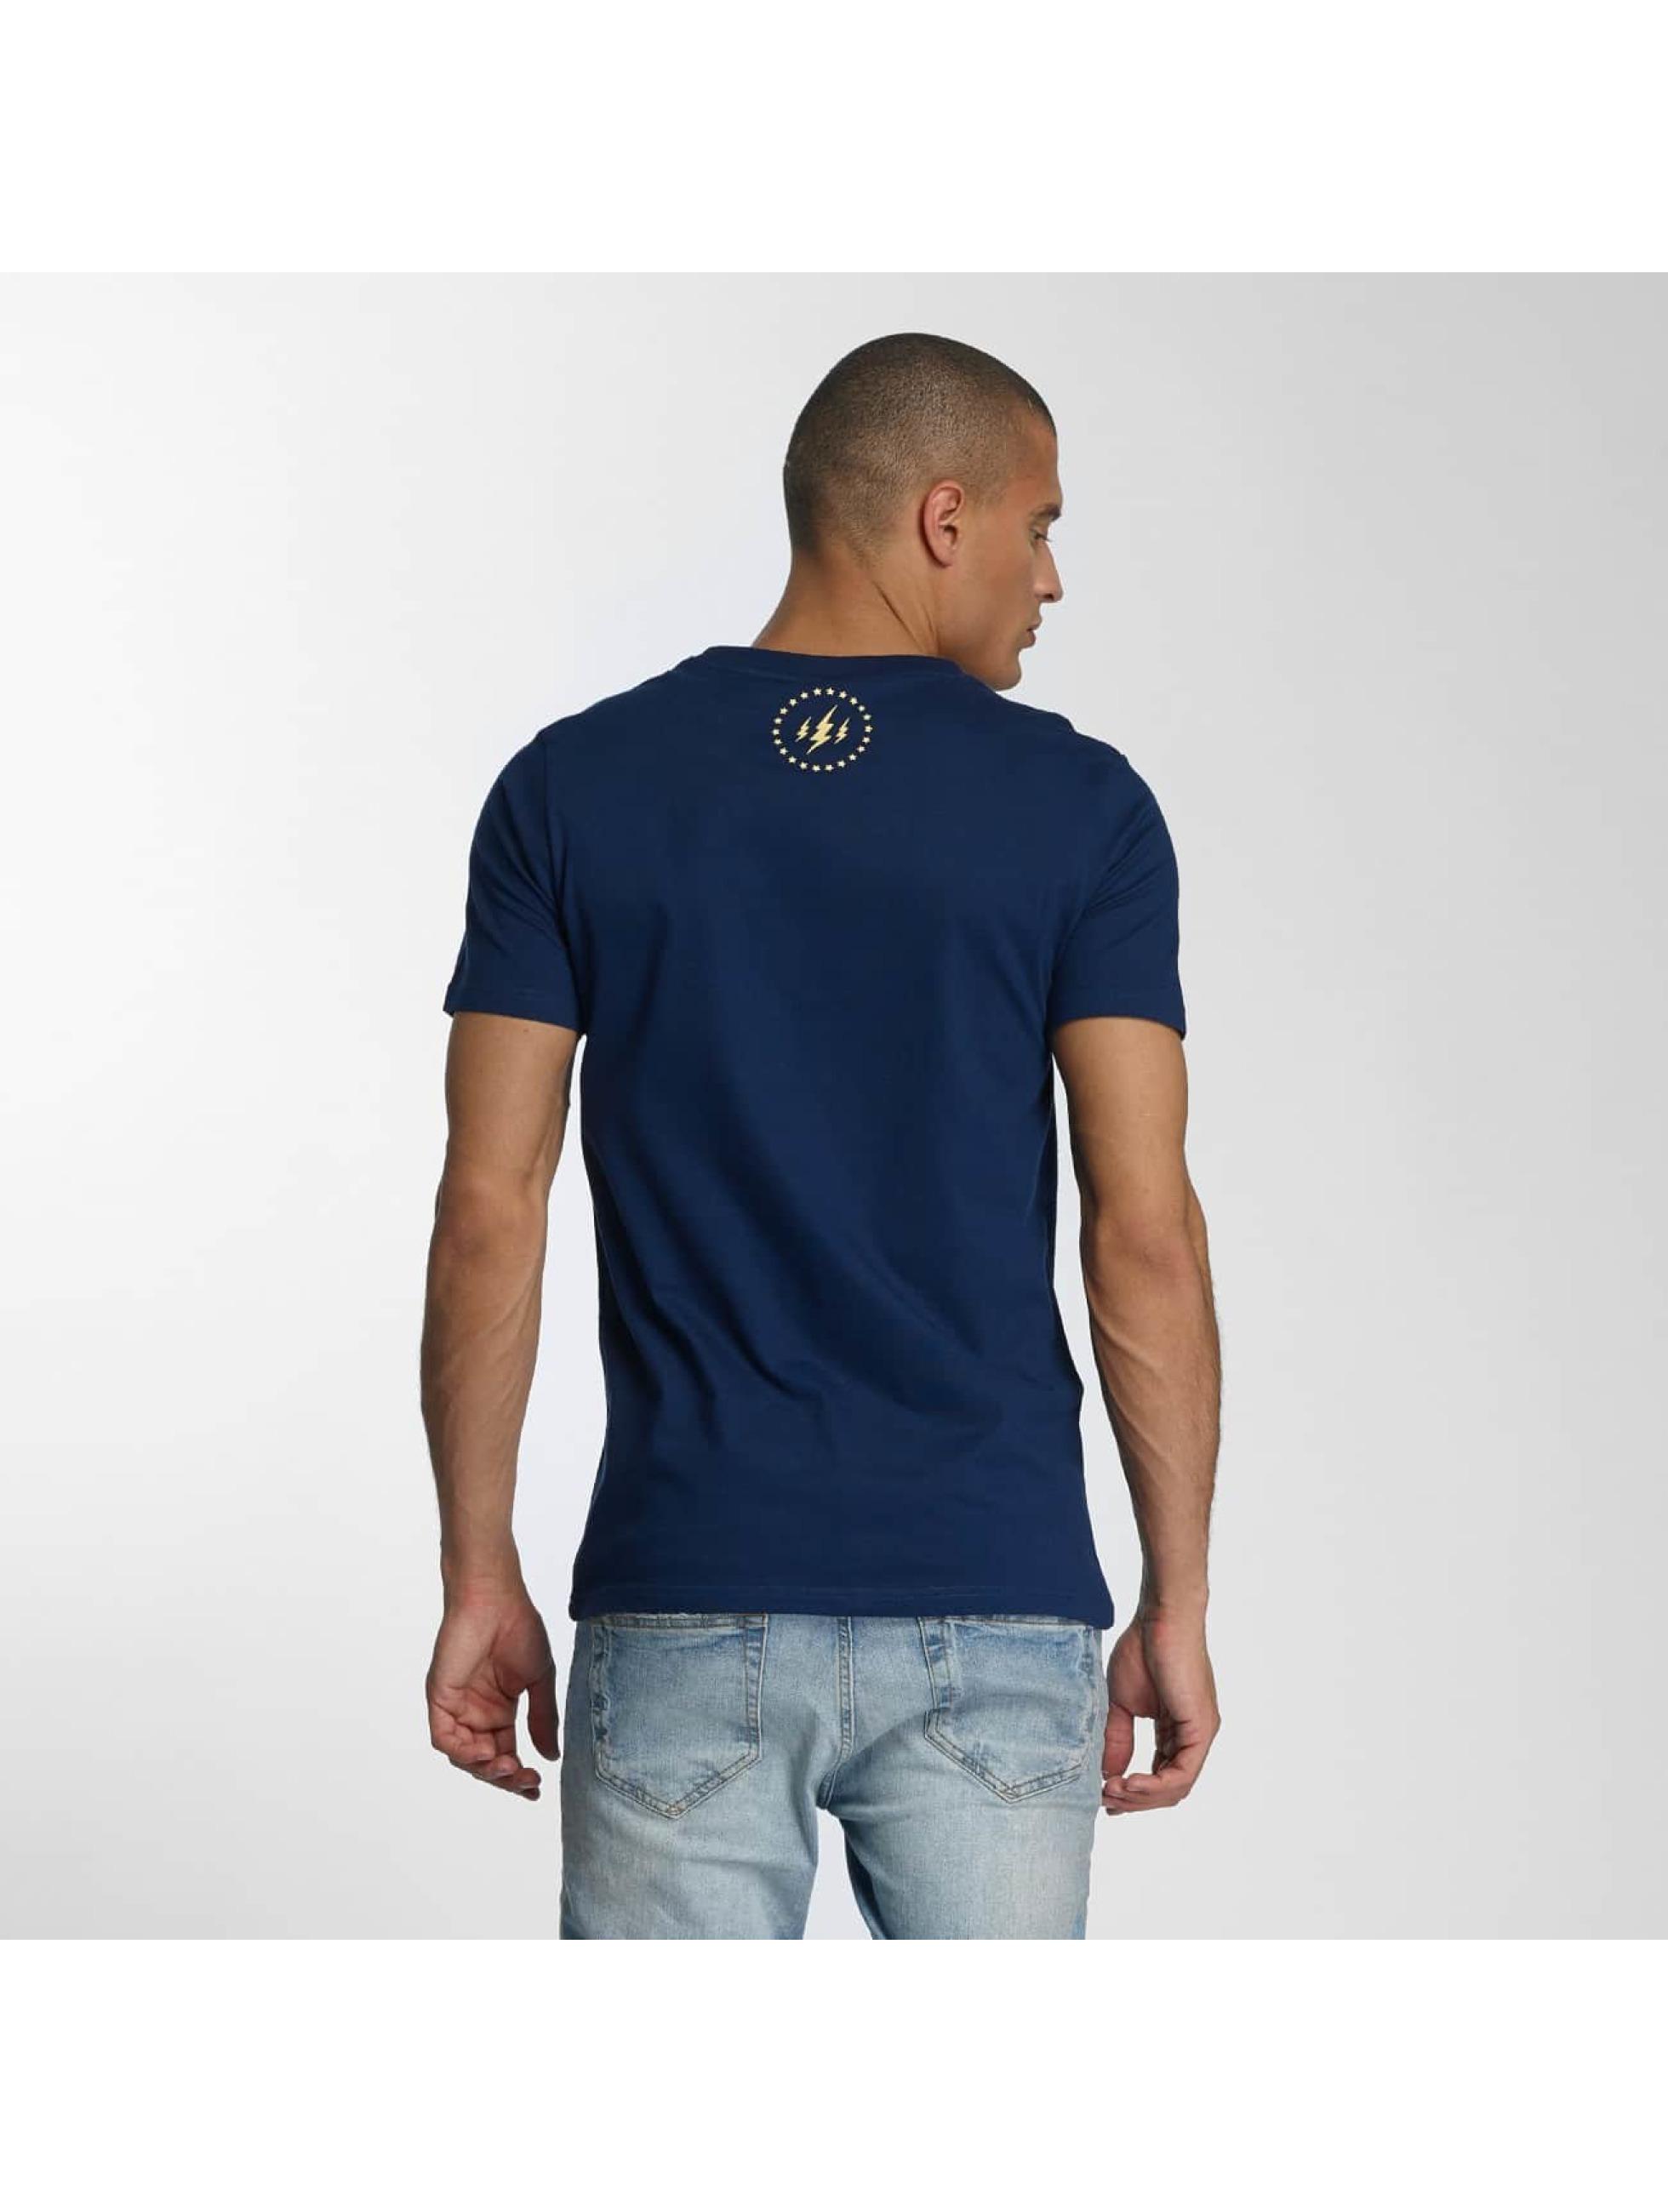 TrueSpin t-shirt 8 blauw